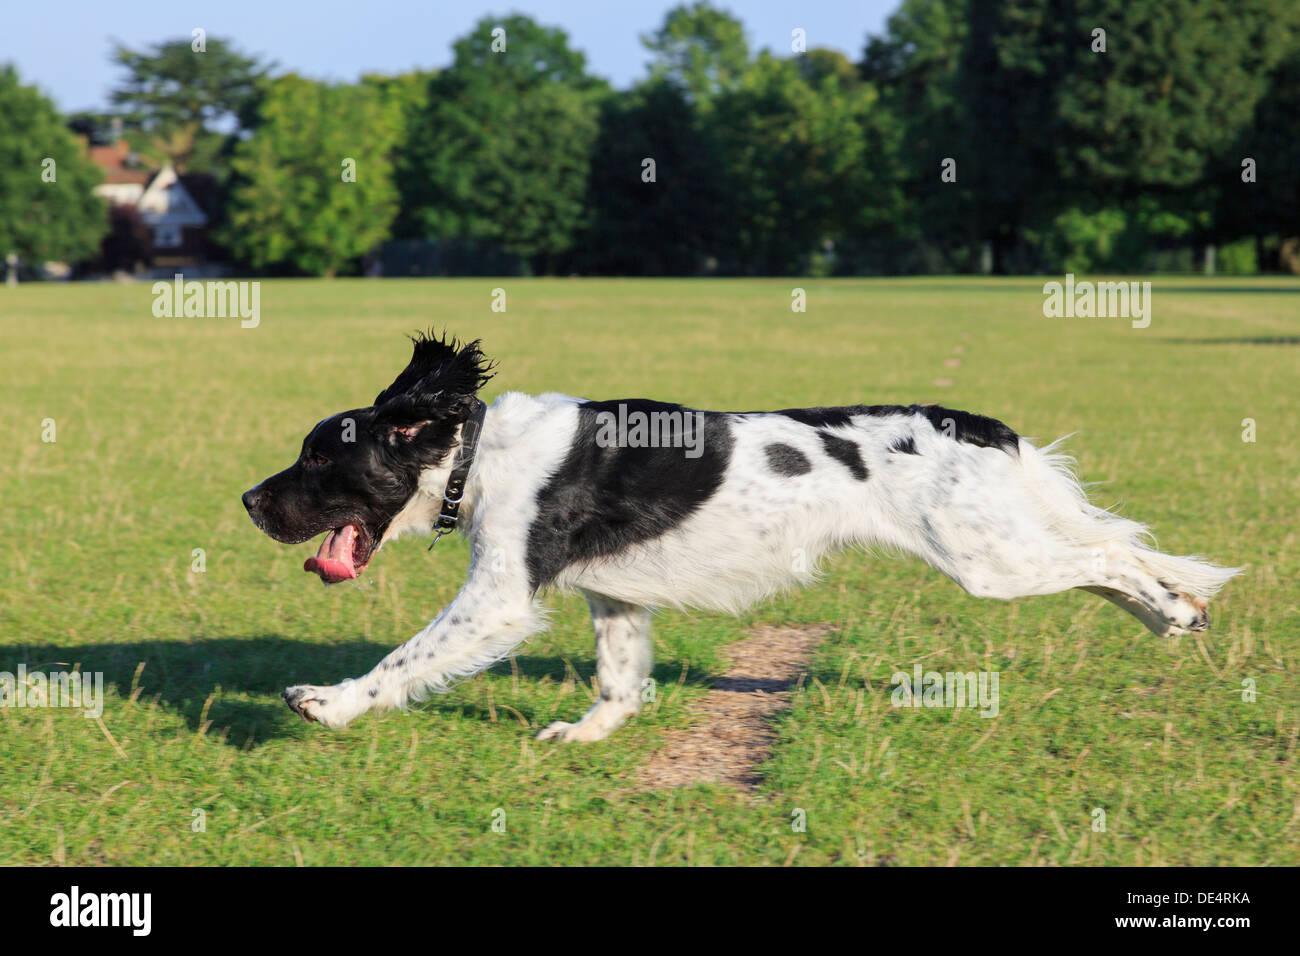 Eine reinrassige Black und White English Springer Spaniel Hund läuft schnell jagt einen Ball außerhalb allein in einem Park. England, UK, Großbritannien Stockbild